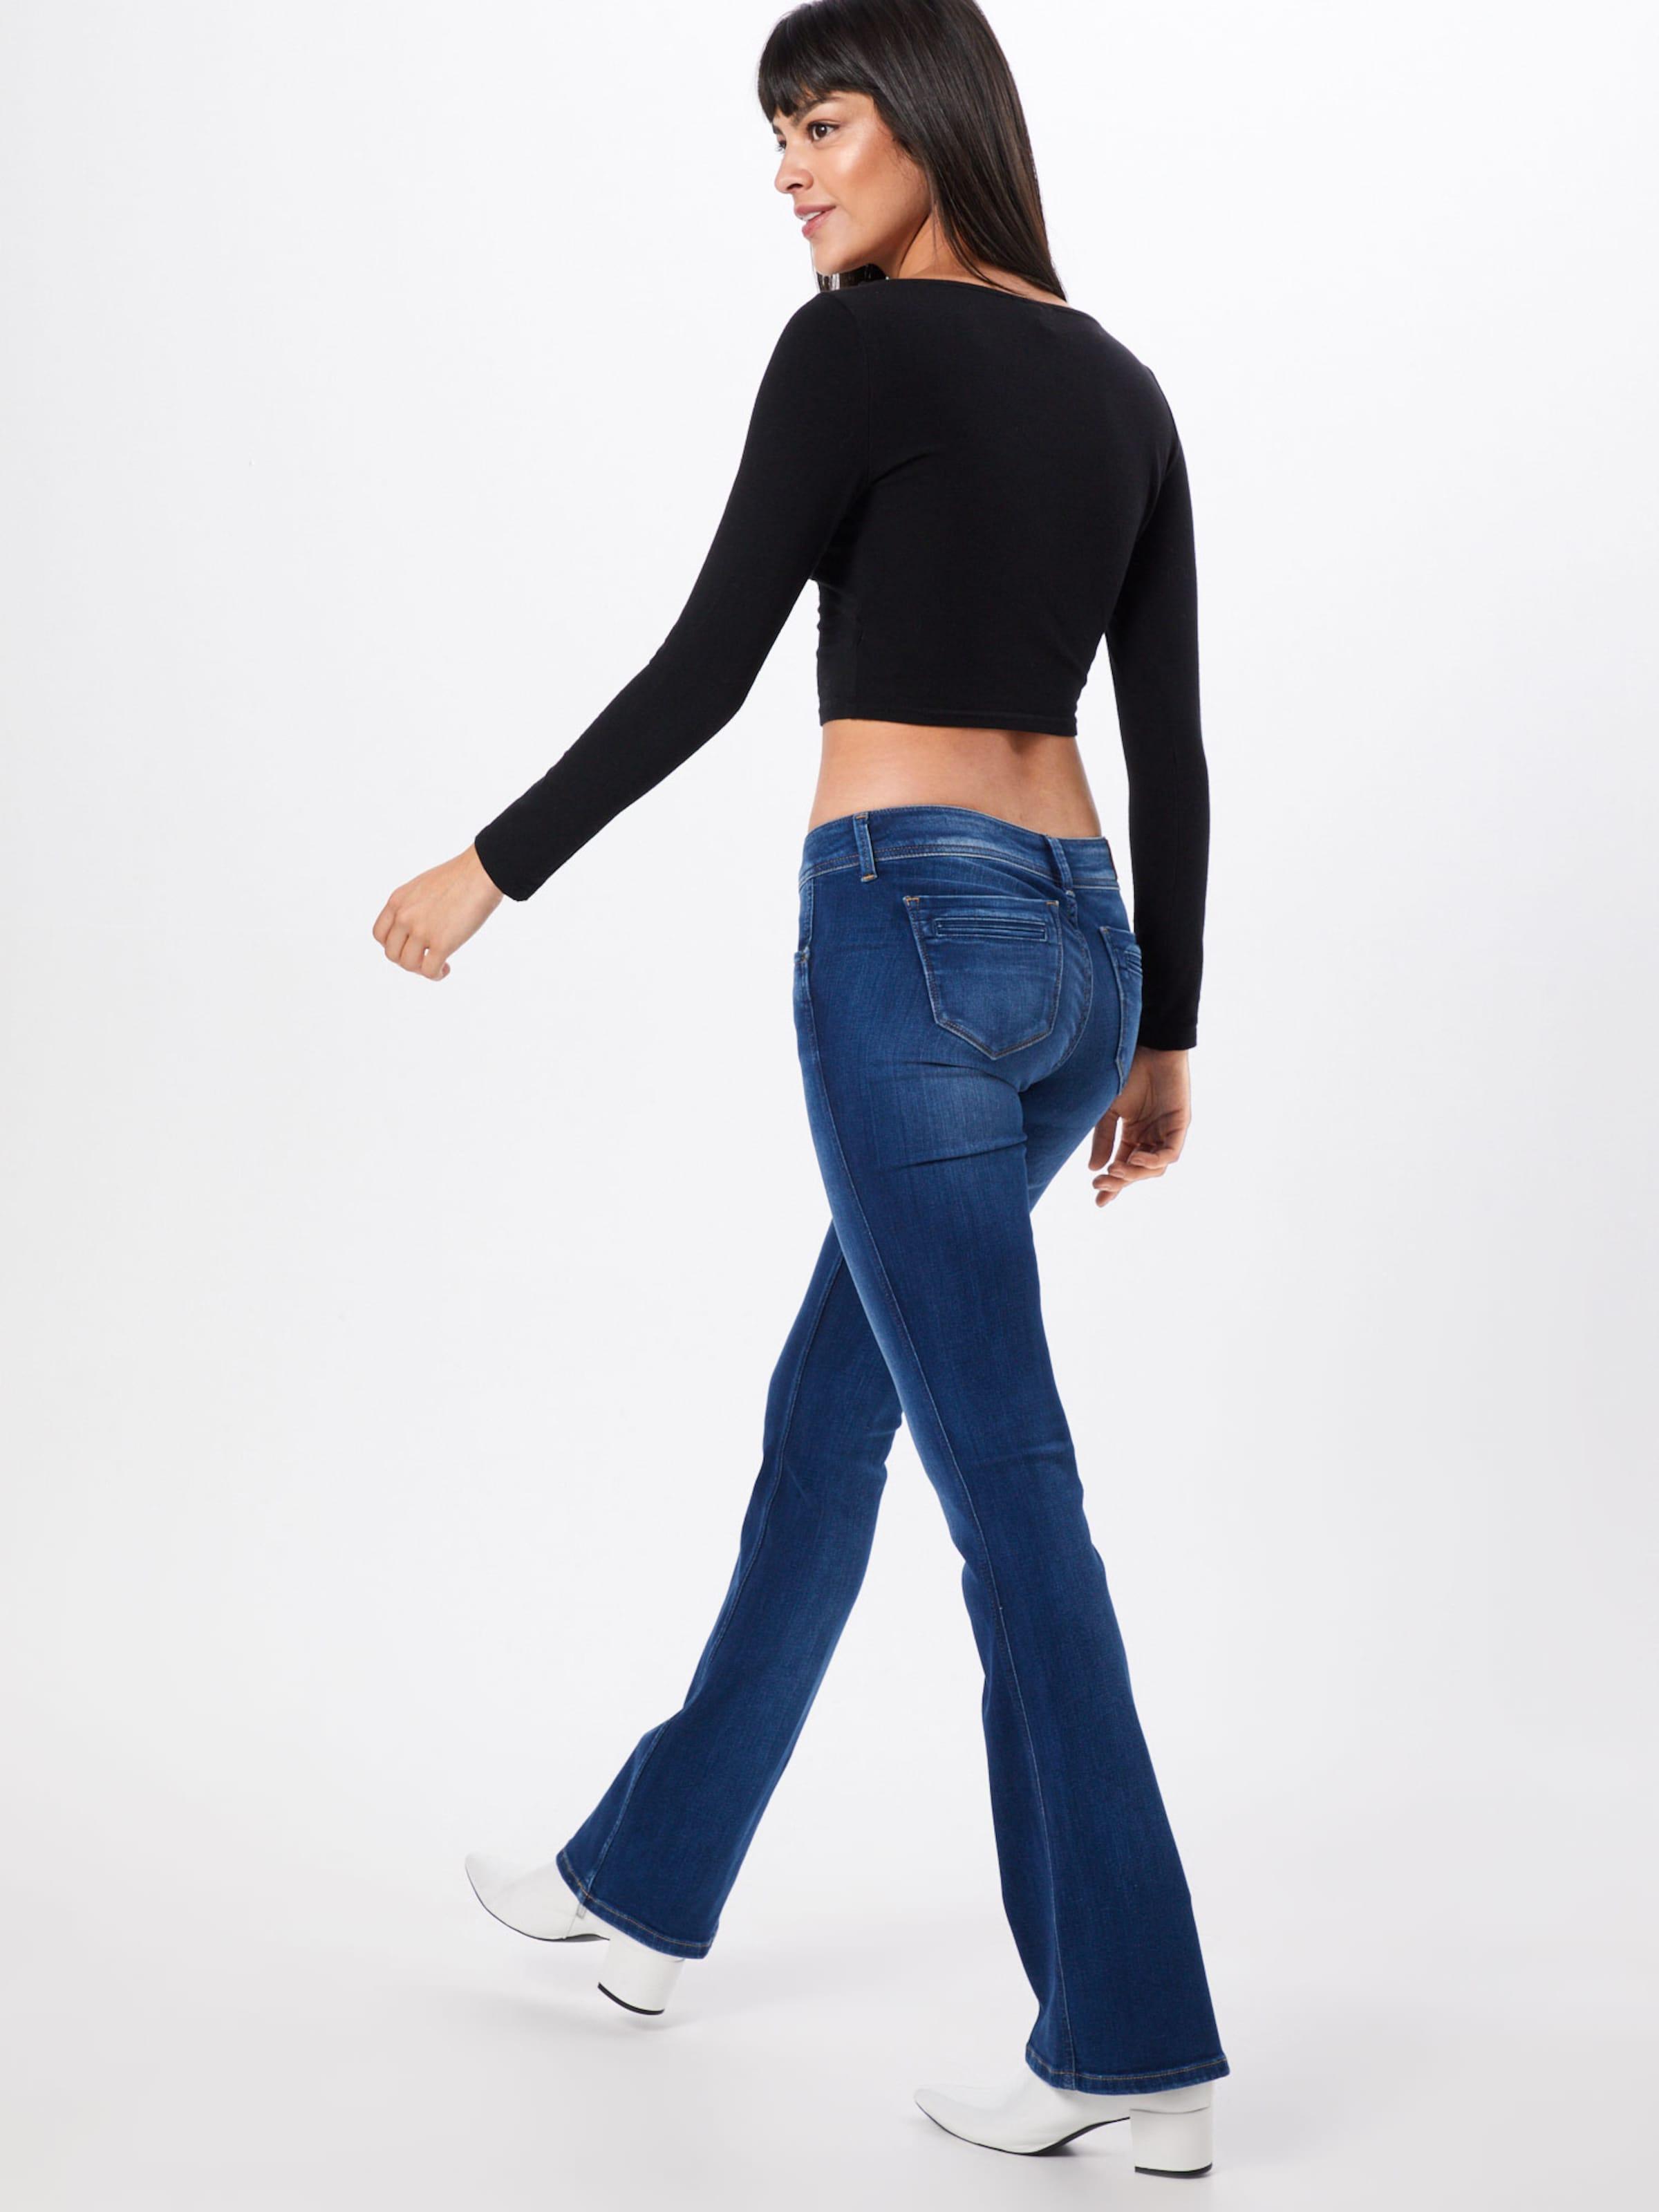 Bleu Denim Jeans Jean 'pimlico' Pepe En UjqLzpSMGV